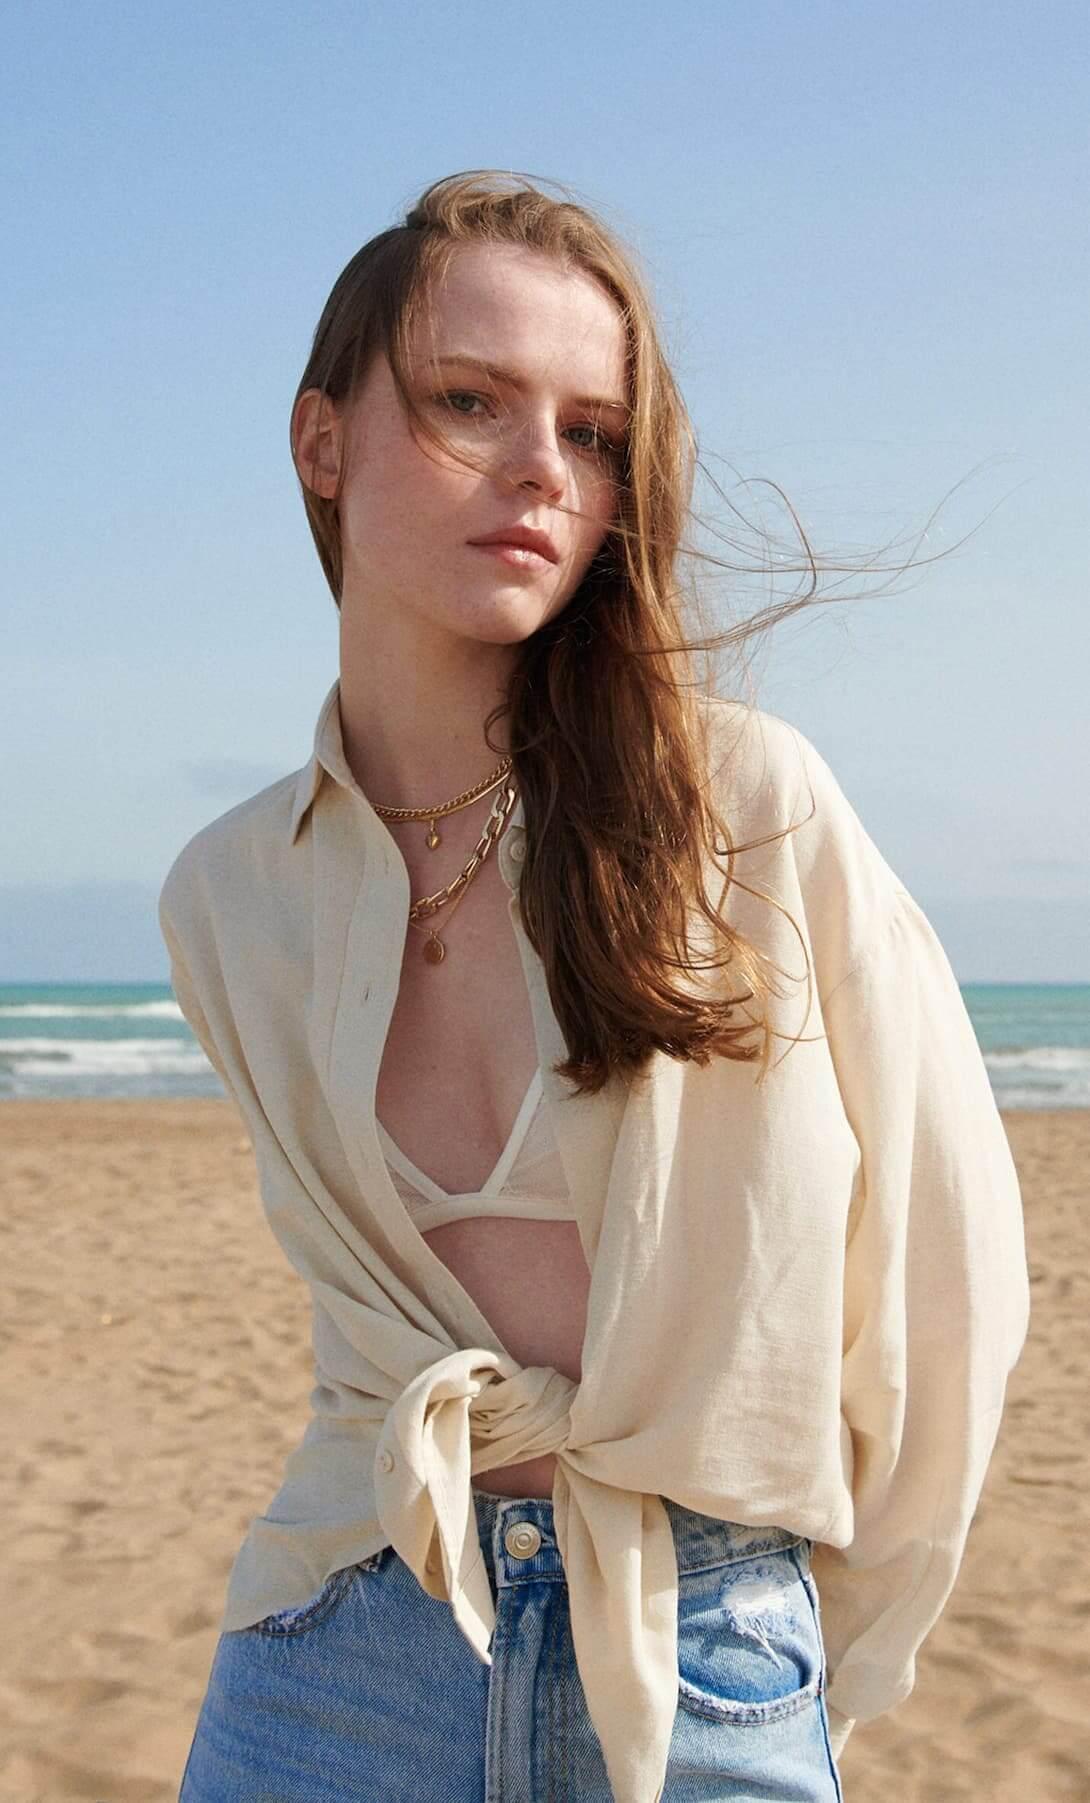 mulher de cabelo ruivo comprido em sessão fotográfica na praia a usar calças de ganga e camisa bege